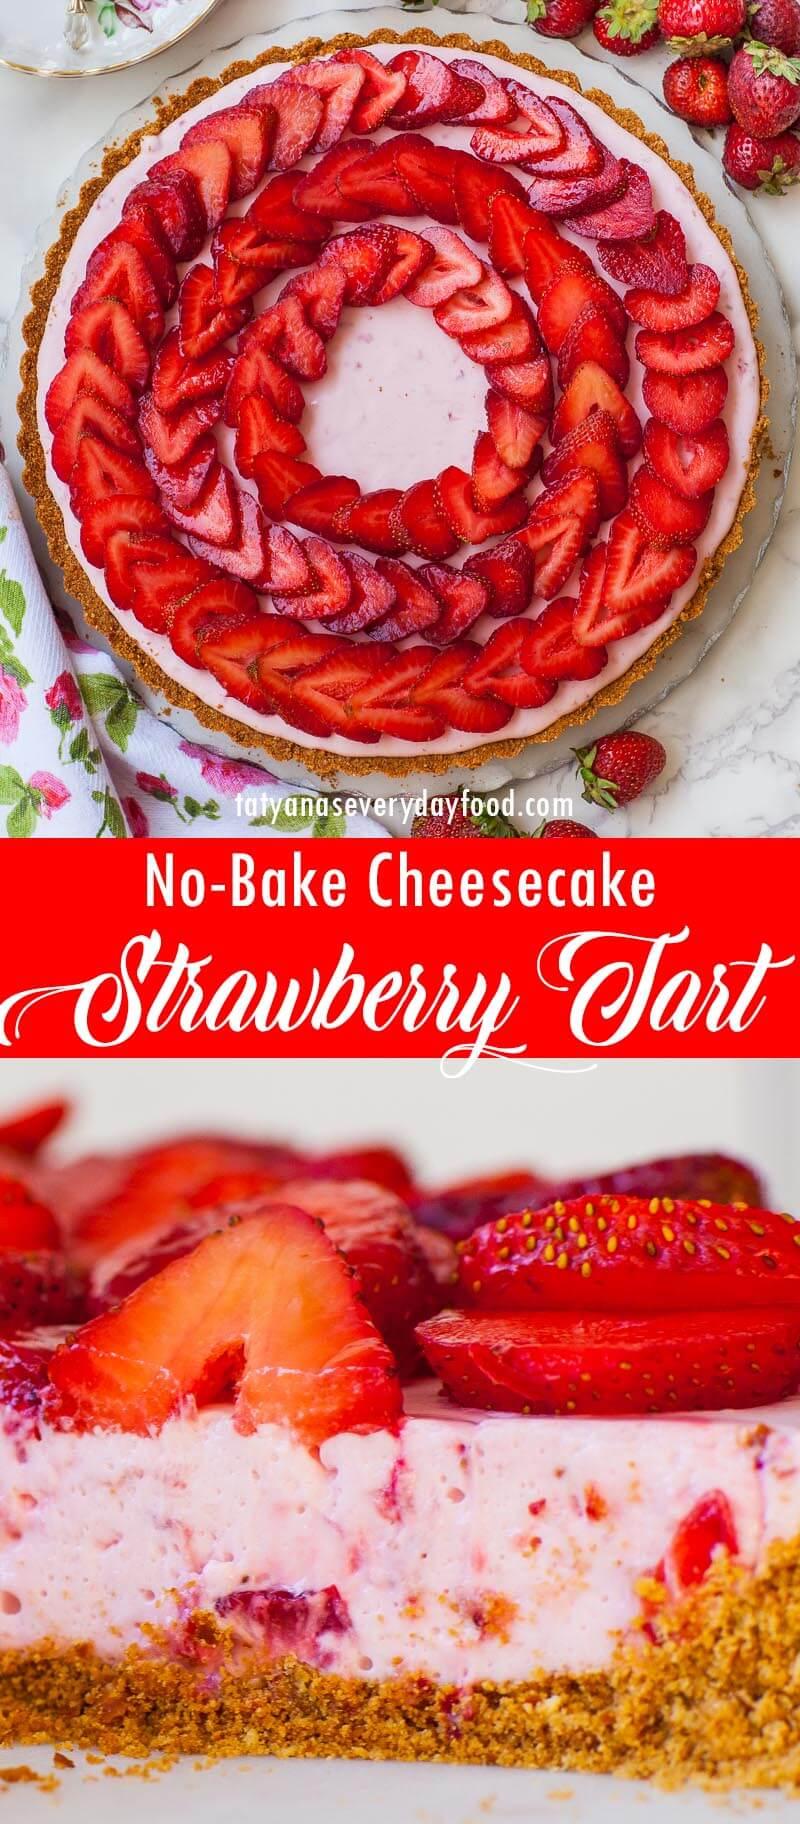 No-Bake Cheesecake Strawberry Tart video recipe